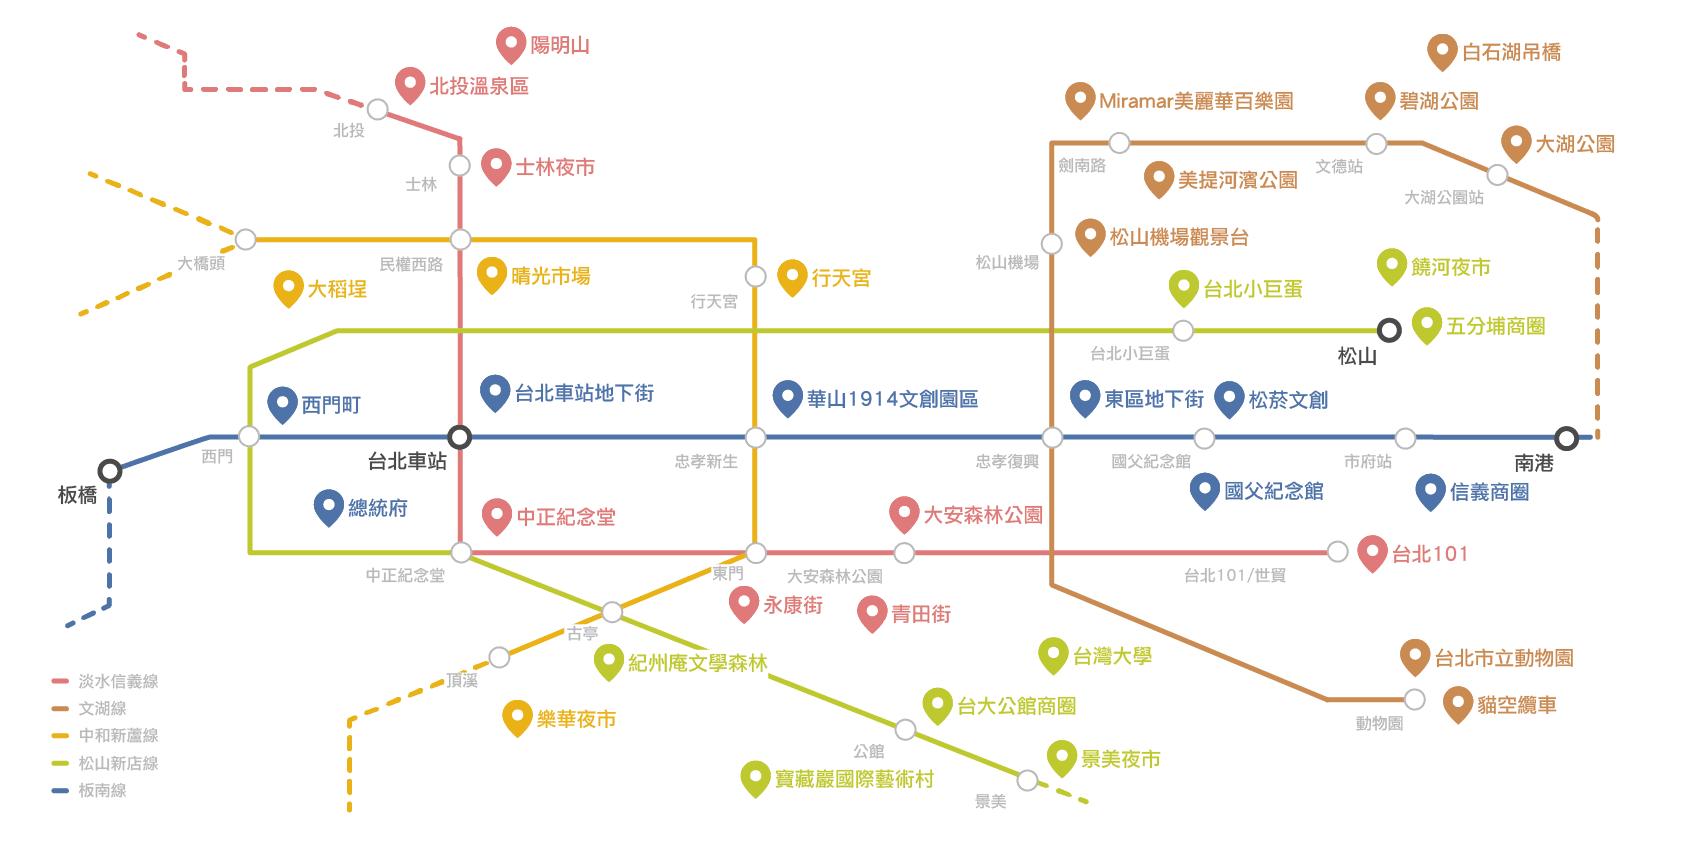 台北景點-旅遊地圖